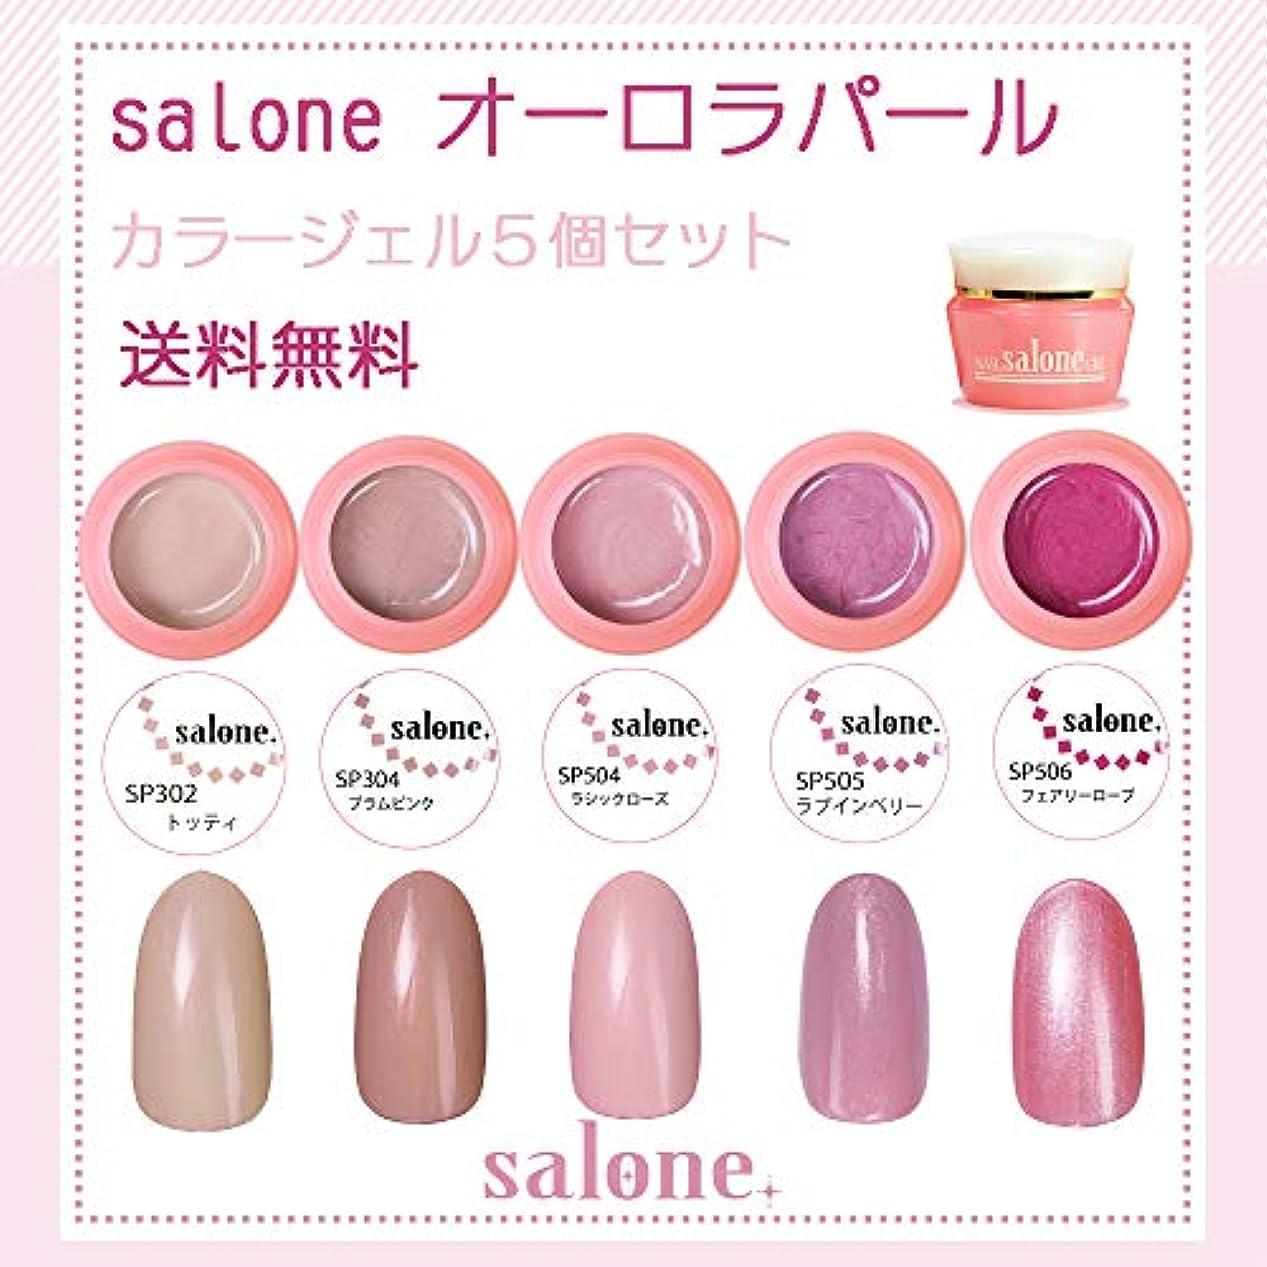 馬鹿げた賠償打ち上げる【送料無料 日本製】Salone オーロラパール カラージェル5個セット上品な輝きのパールカラー